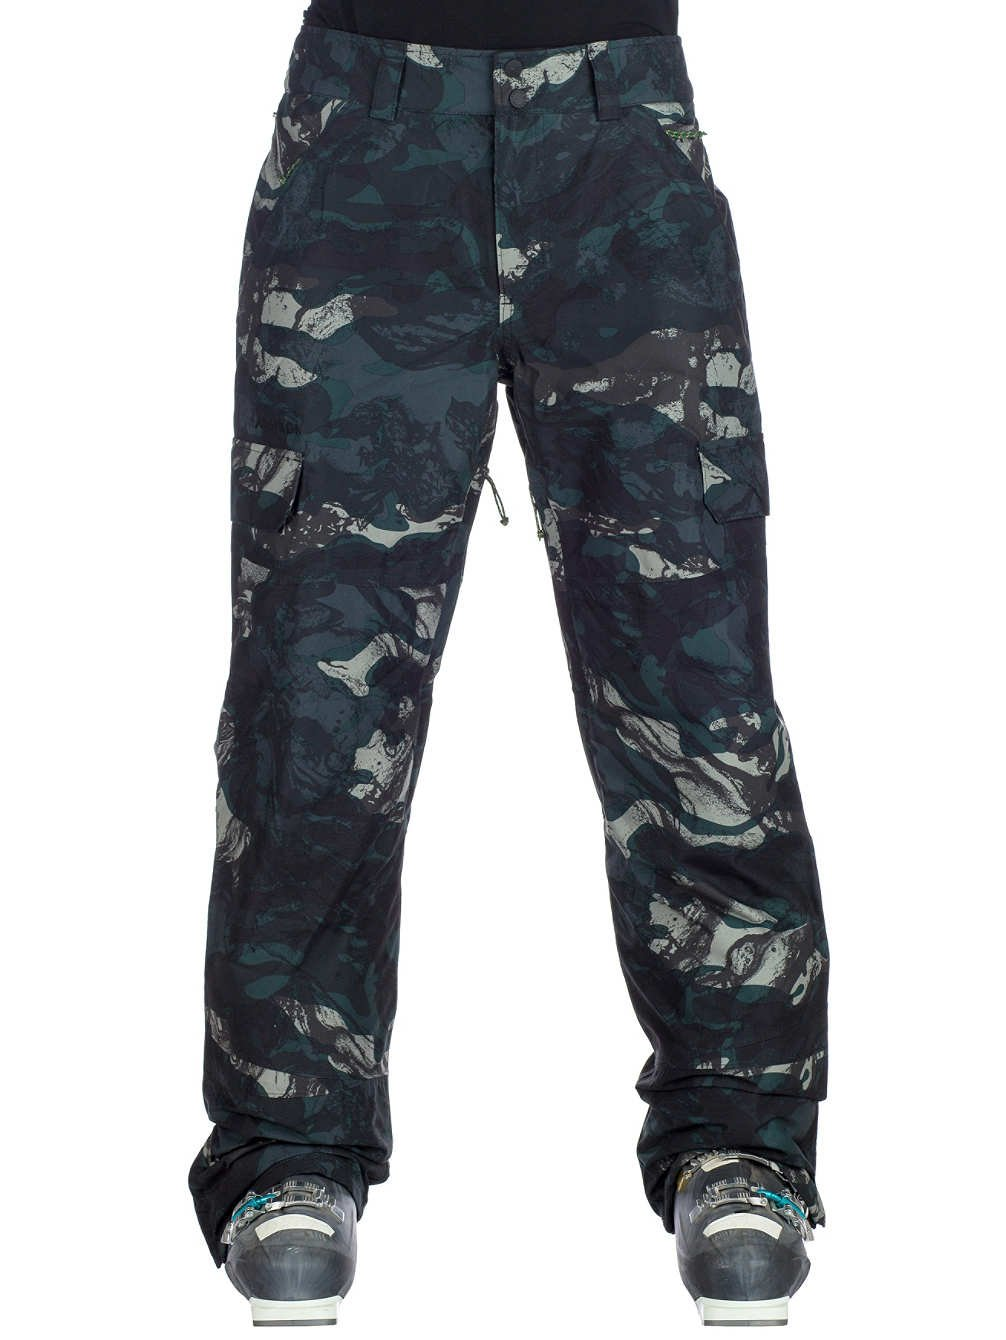 Armada Union Insulated Pant